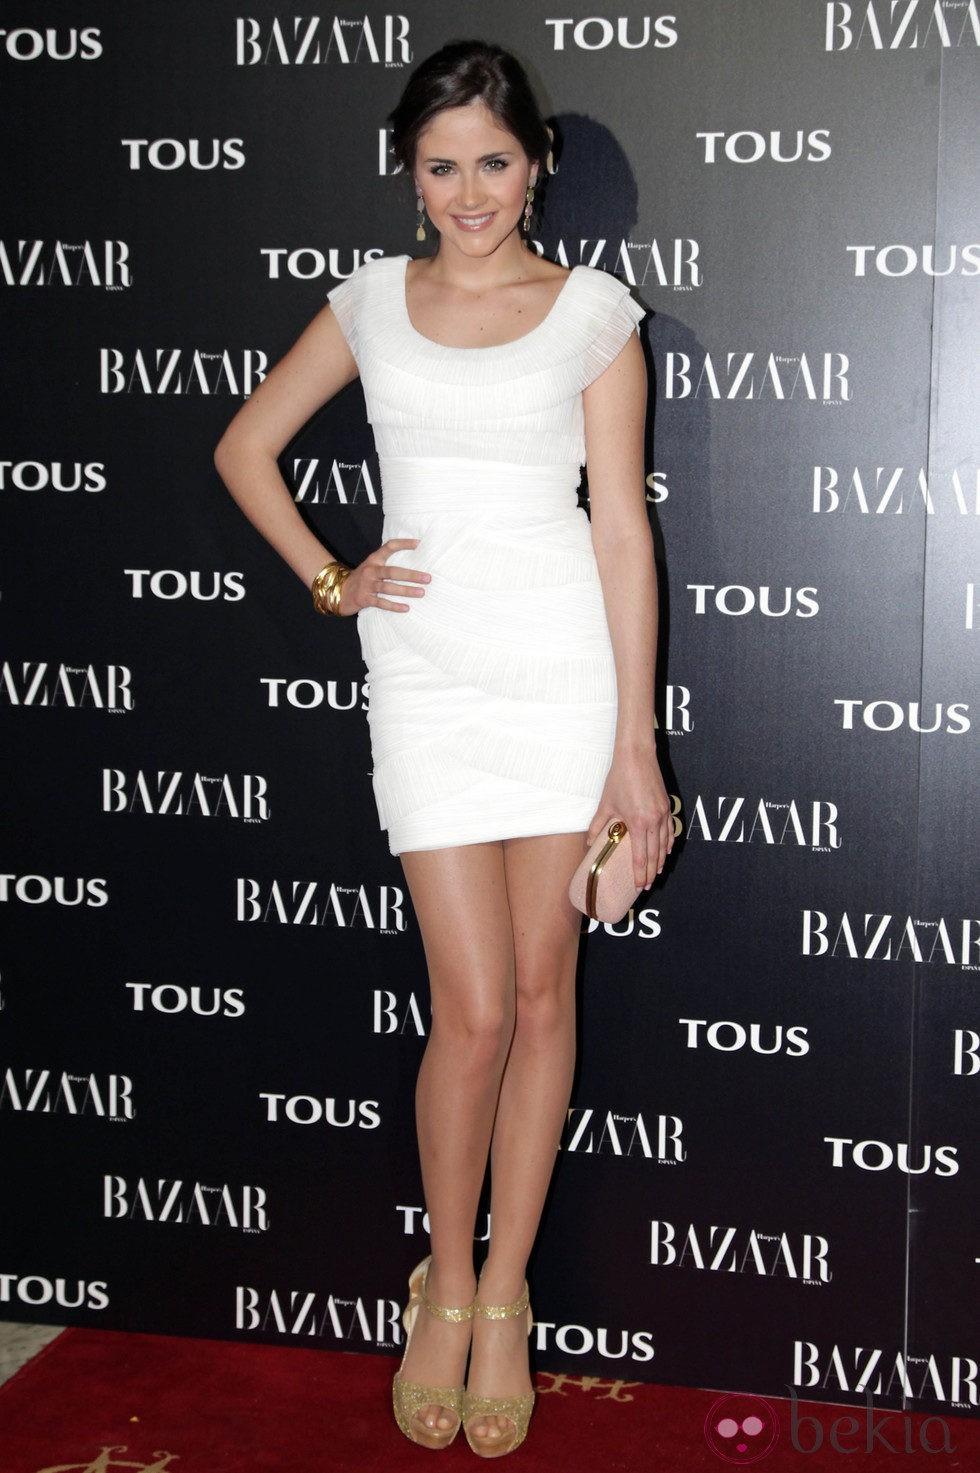 Lucía Ramos en la fiesta organizada por Tous y Harper's Bazaar